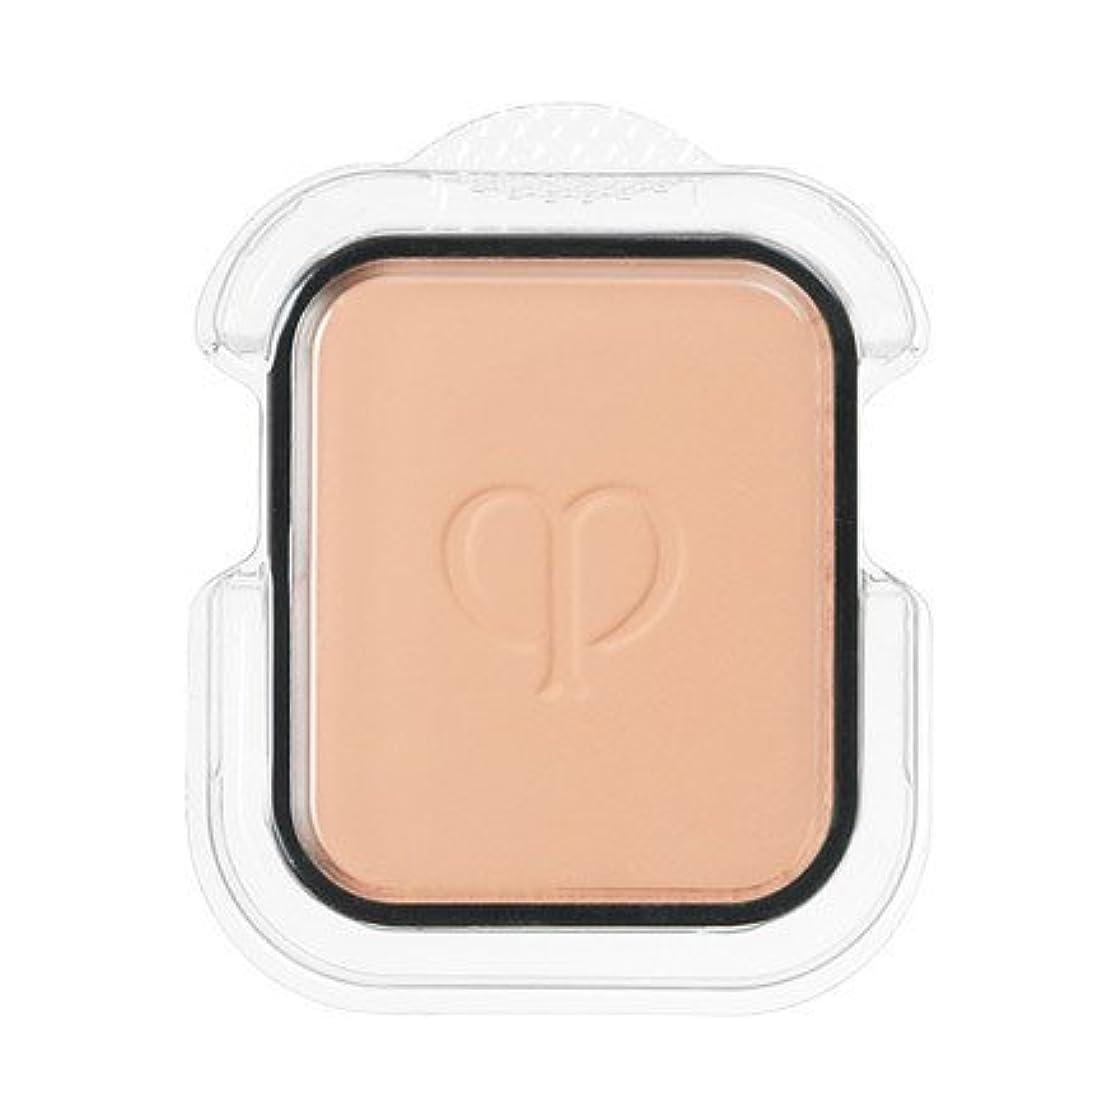 プリーツなだめるクリーナー【SHISEIDO(資生堂)】【Cle de Peau Beaute (クレ?ド?ポー ボーテ) 】タンプードルエクラ (レフィル) ピンクオークル 10